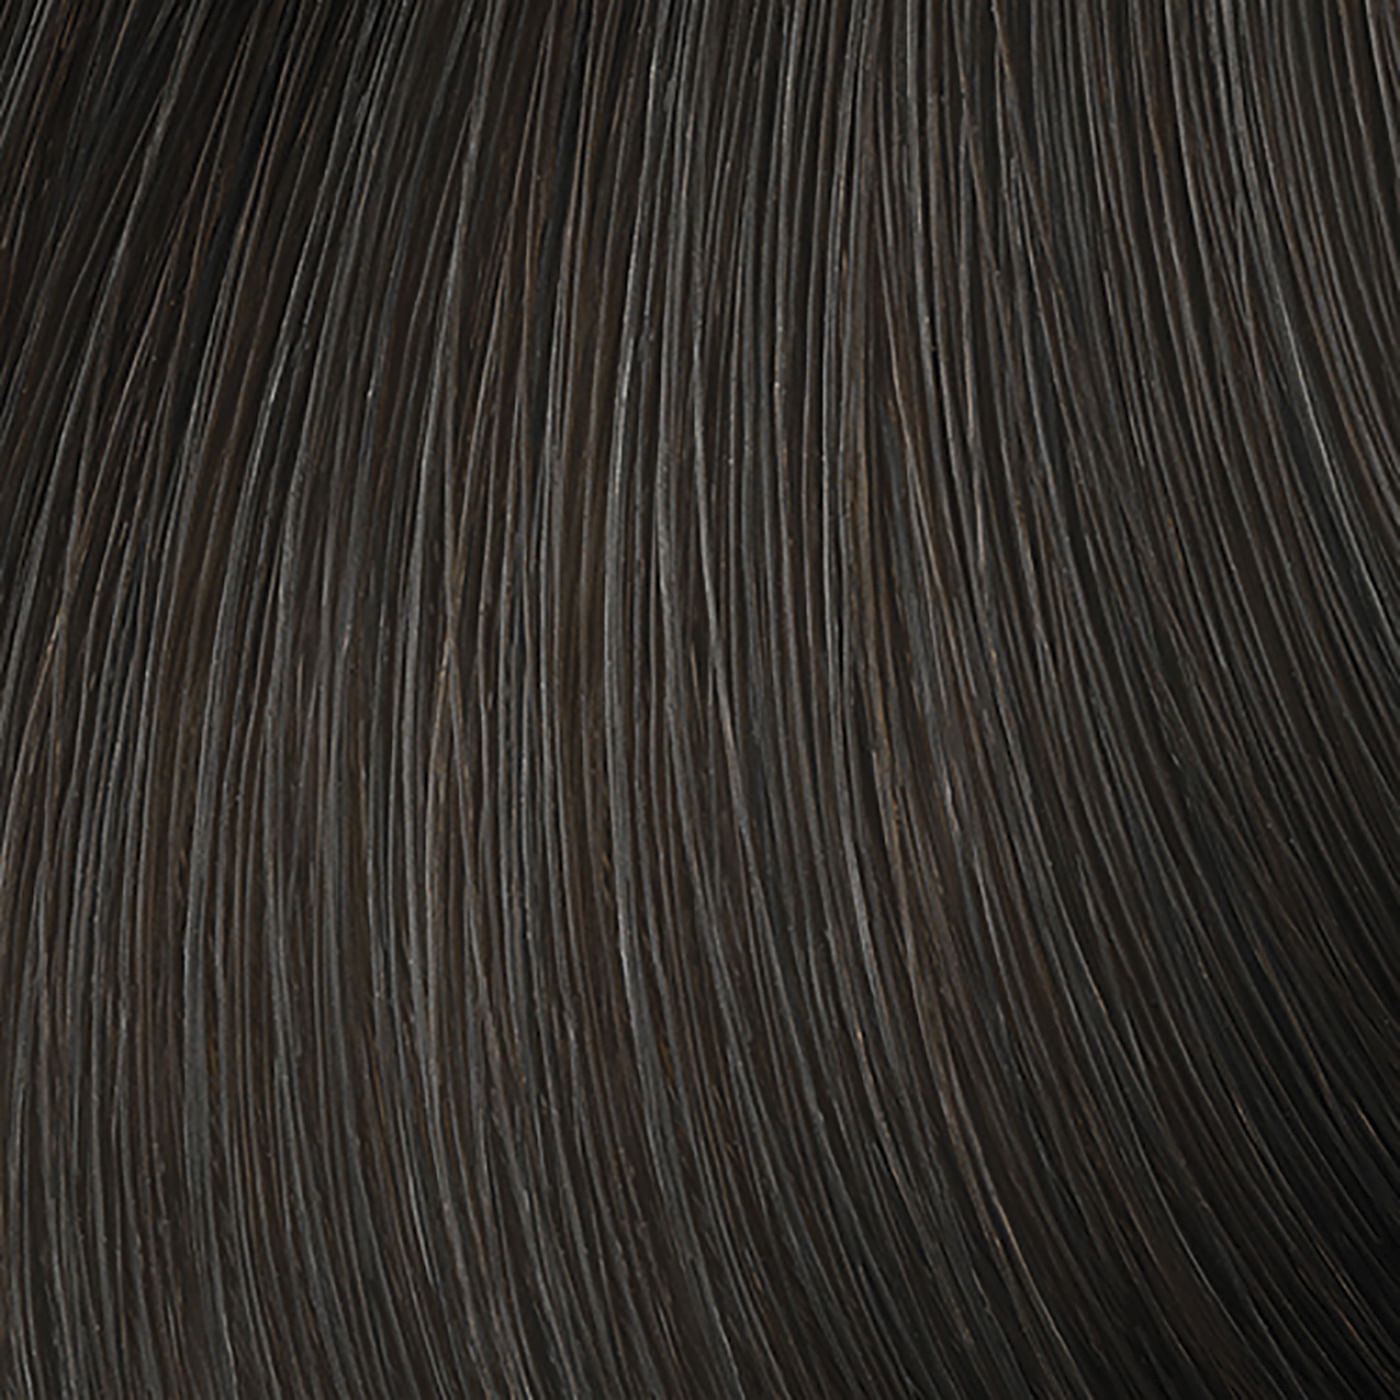 Imagen de 7.11AA Intense  Medium Ash Blonde